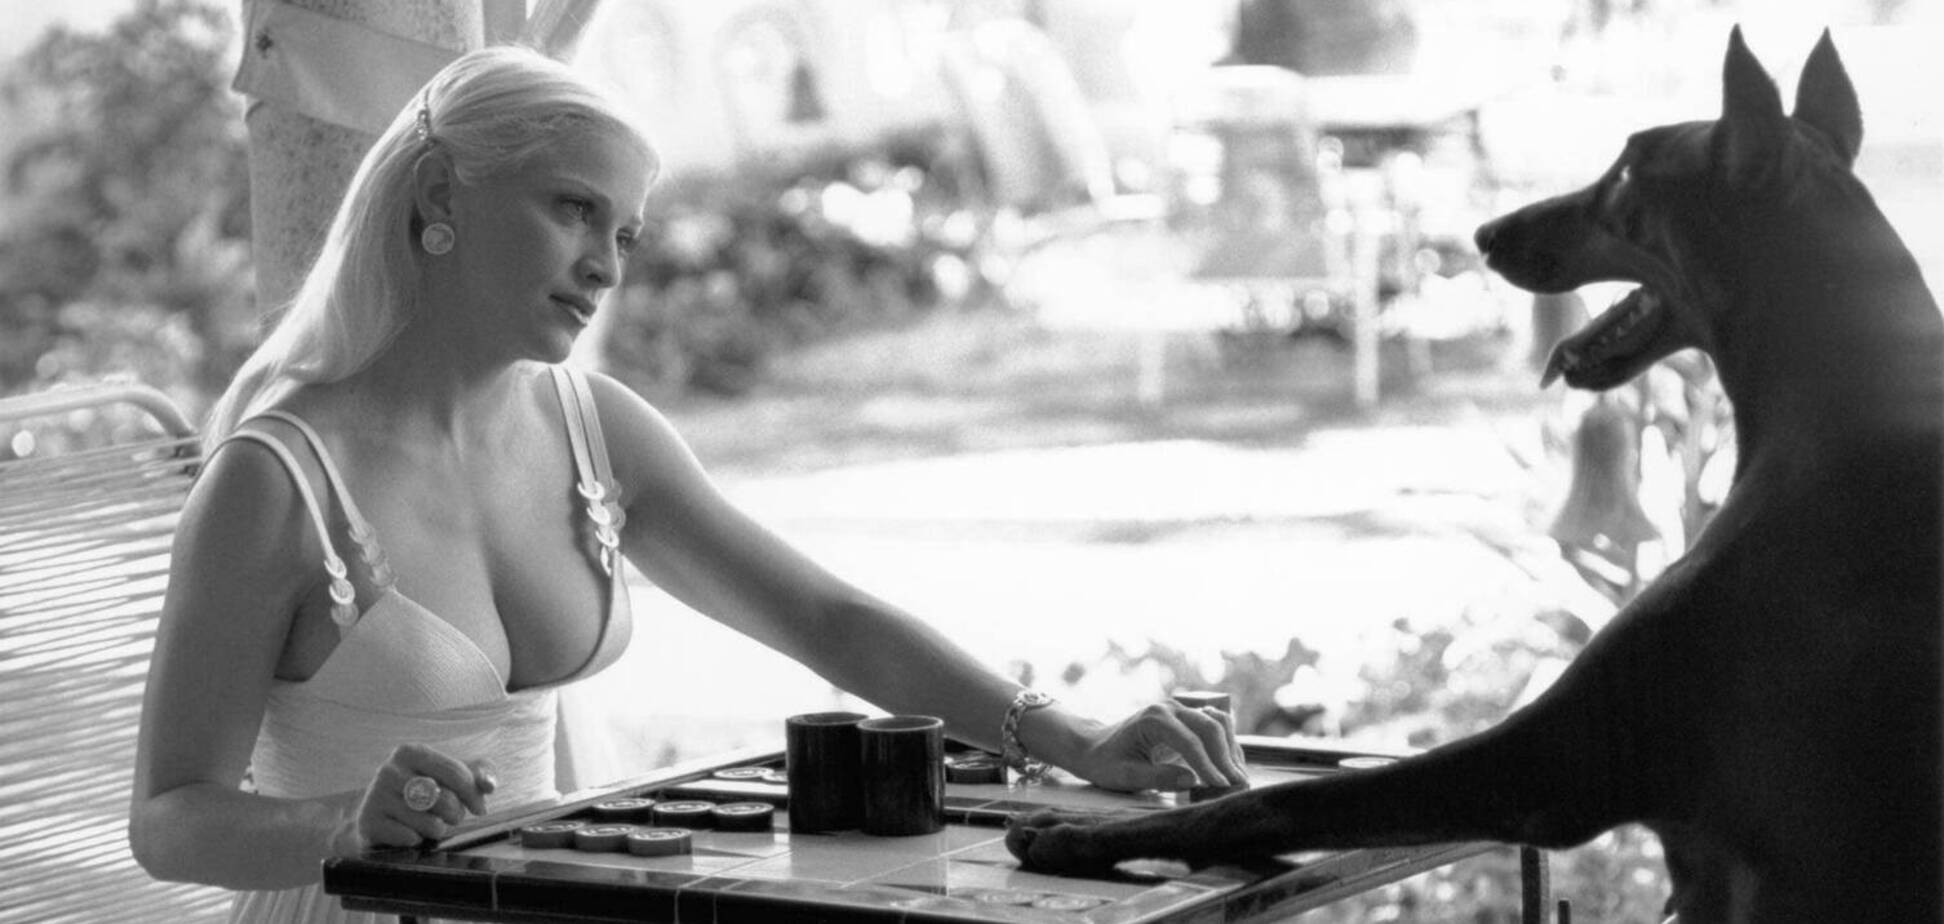 Гола Мадонна вперше вPlayboy: 10 найскандальніших фотосесій зірки